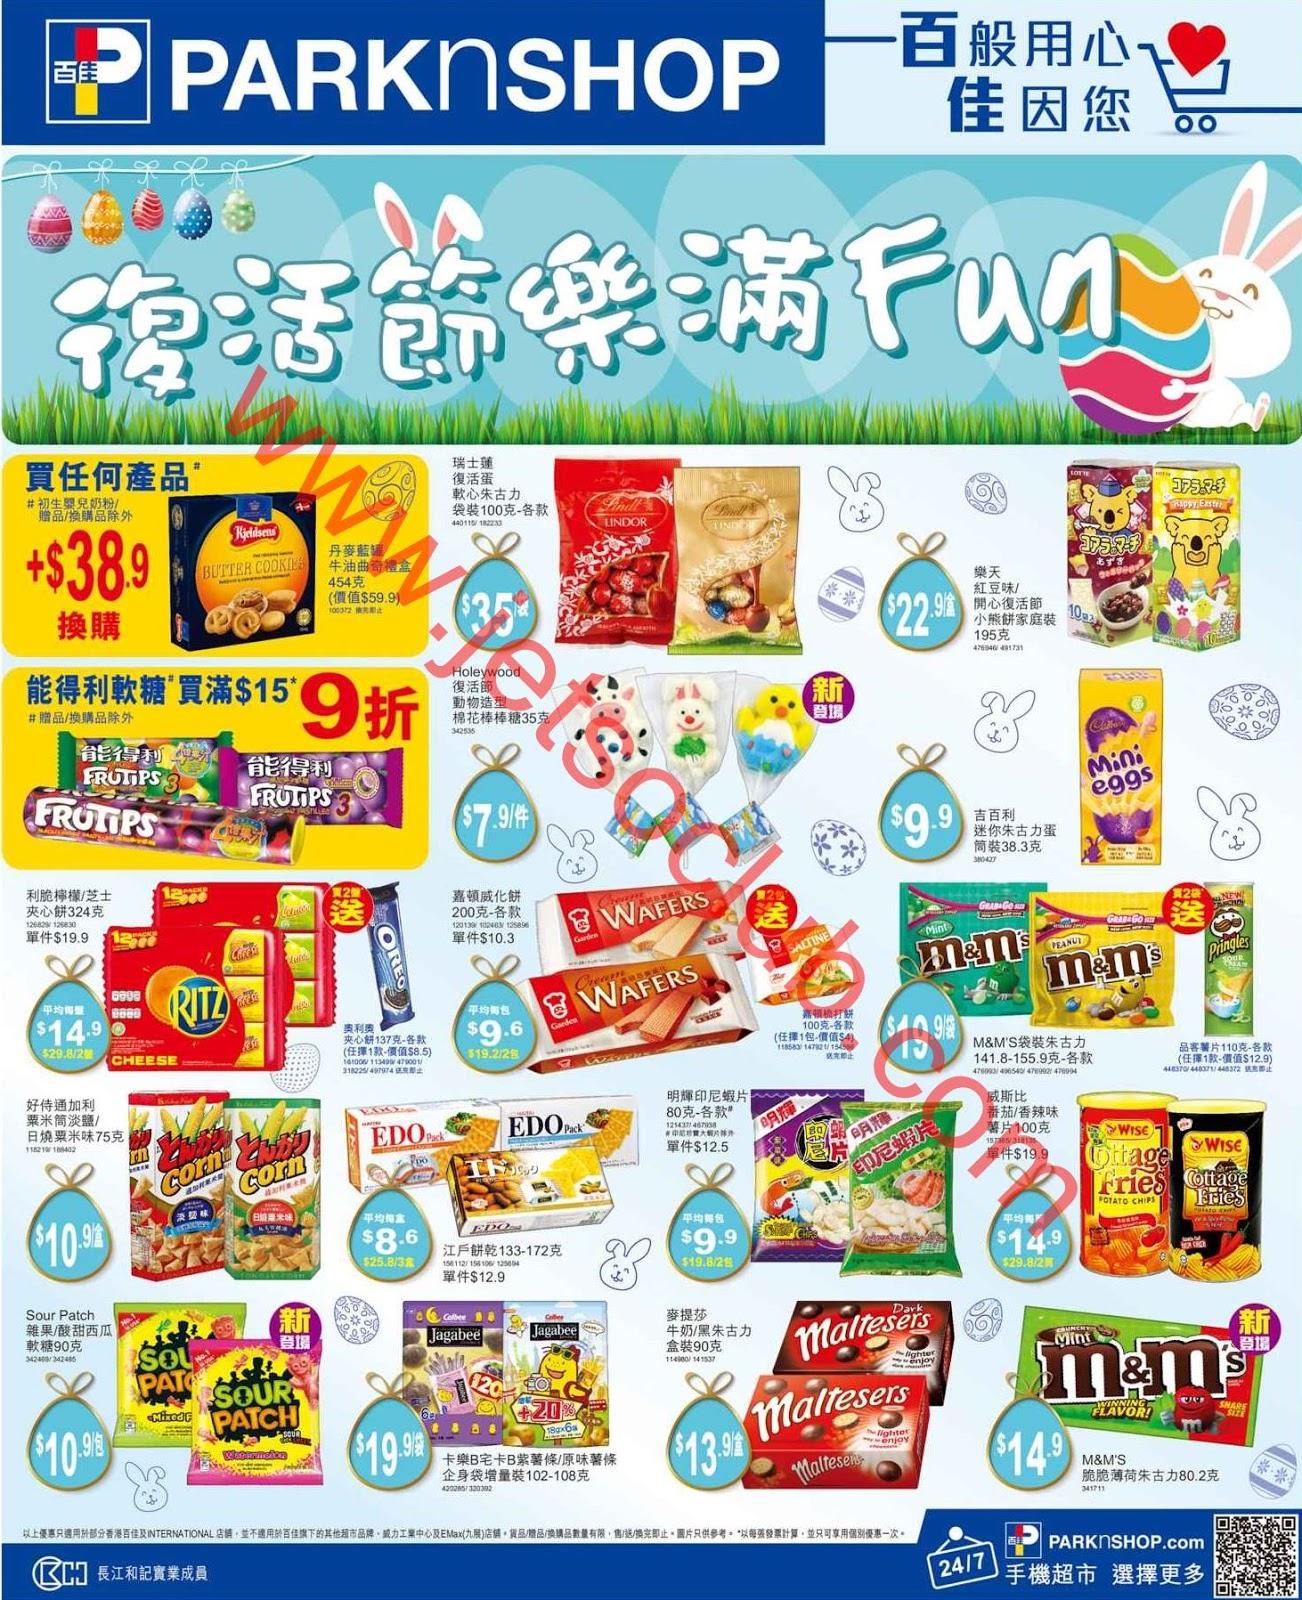 百佳超級市場最新優惠(29/3) ( Jetso Club 著數俱樂部 )